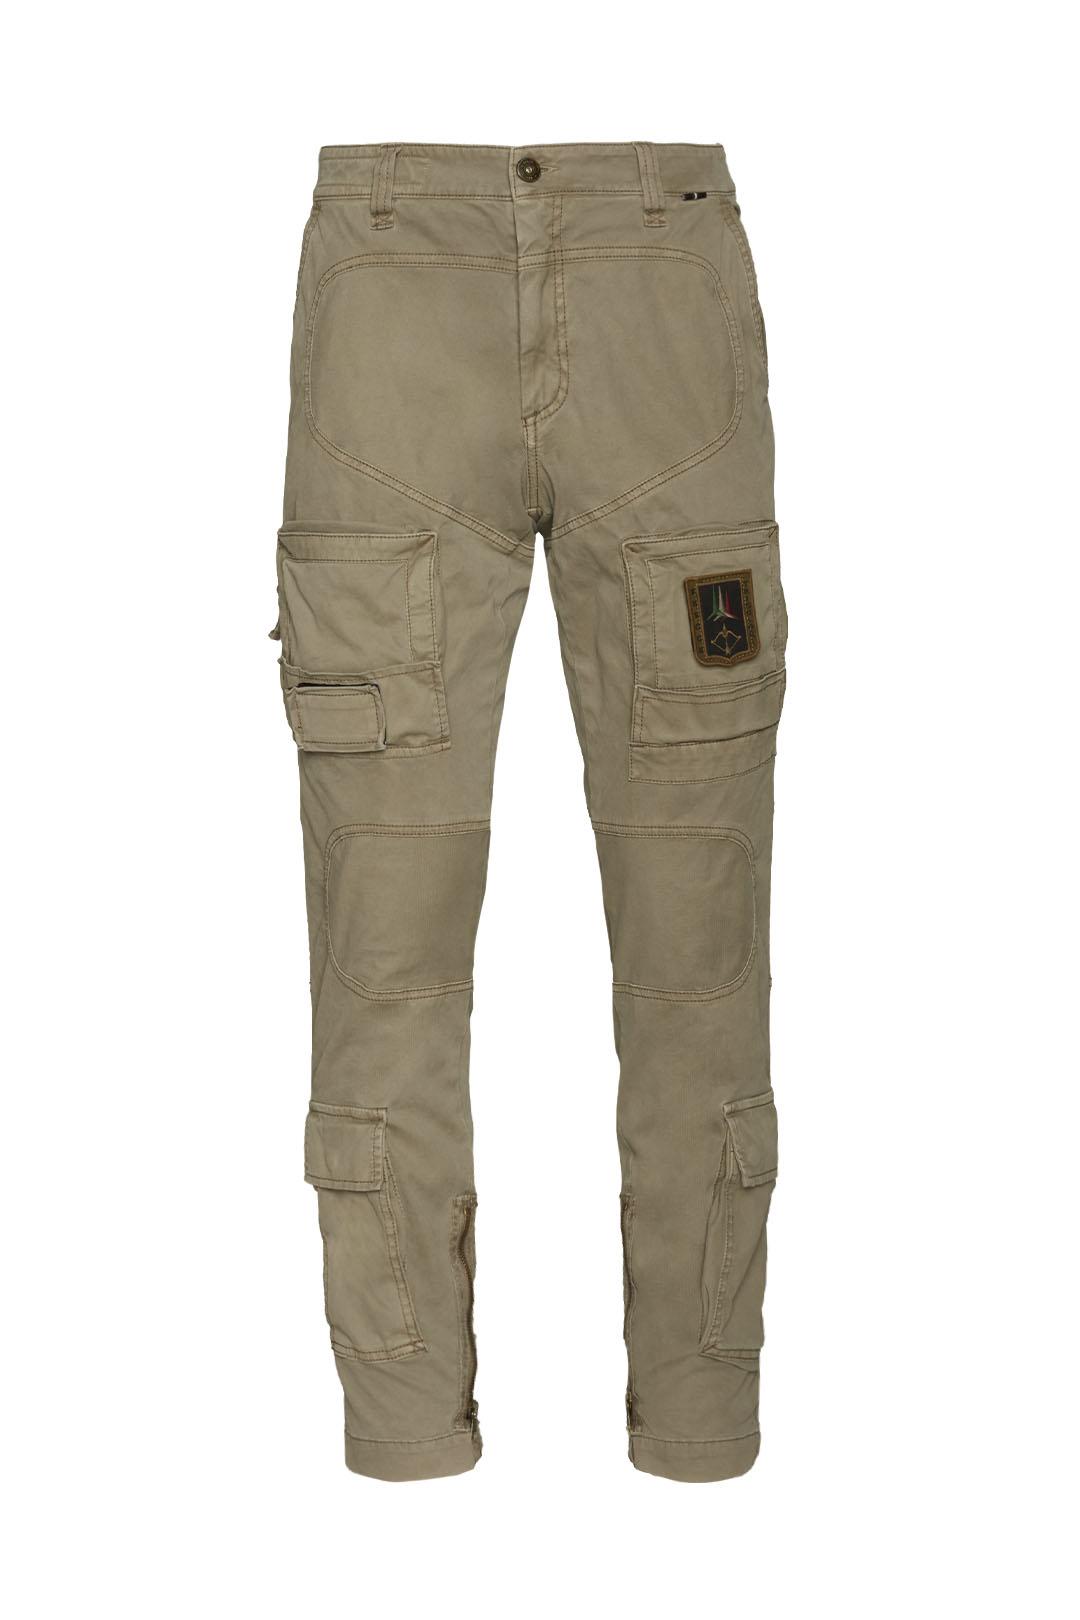 Pantalon Anti-G